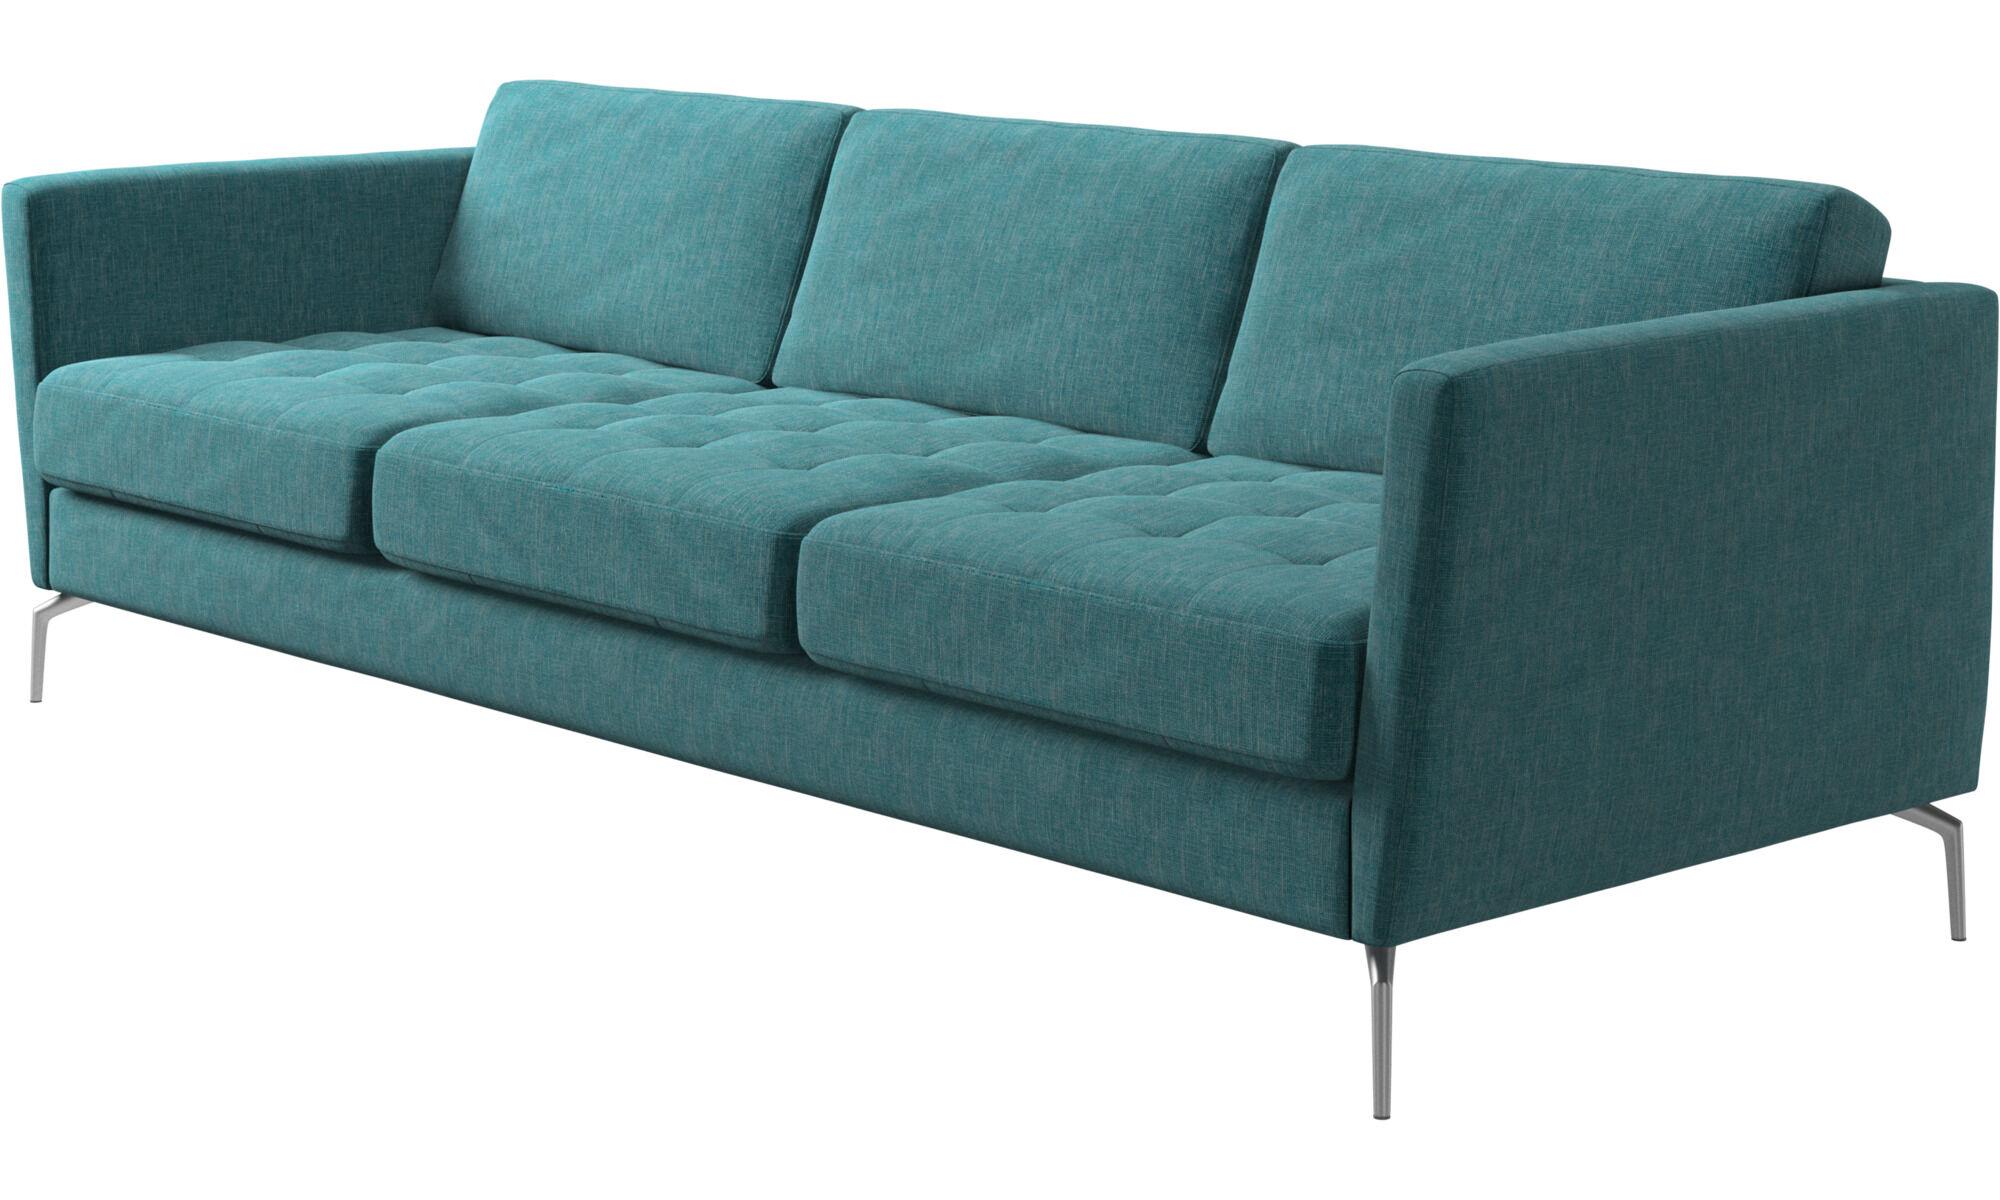 Schon ... 3 Sitzer Sofas   Osaka Sofa, Getuftete Sitzfläche   Blau   Stoff ...